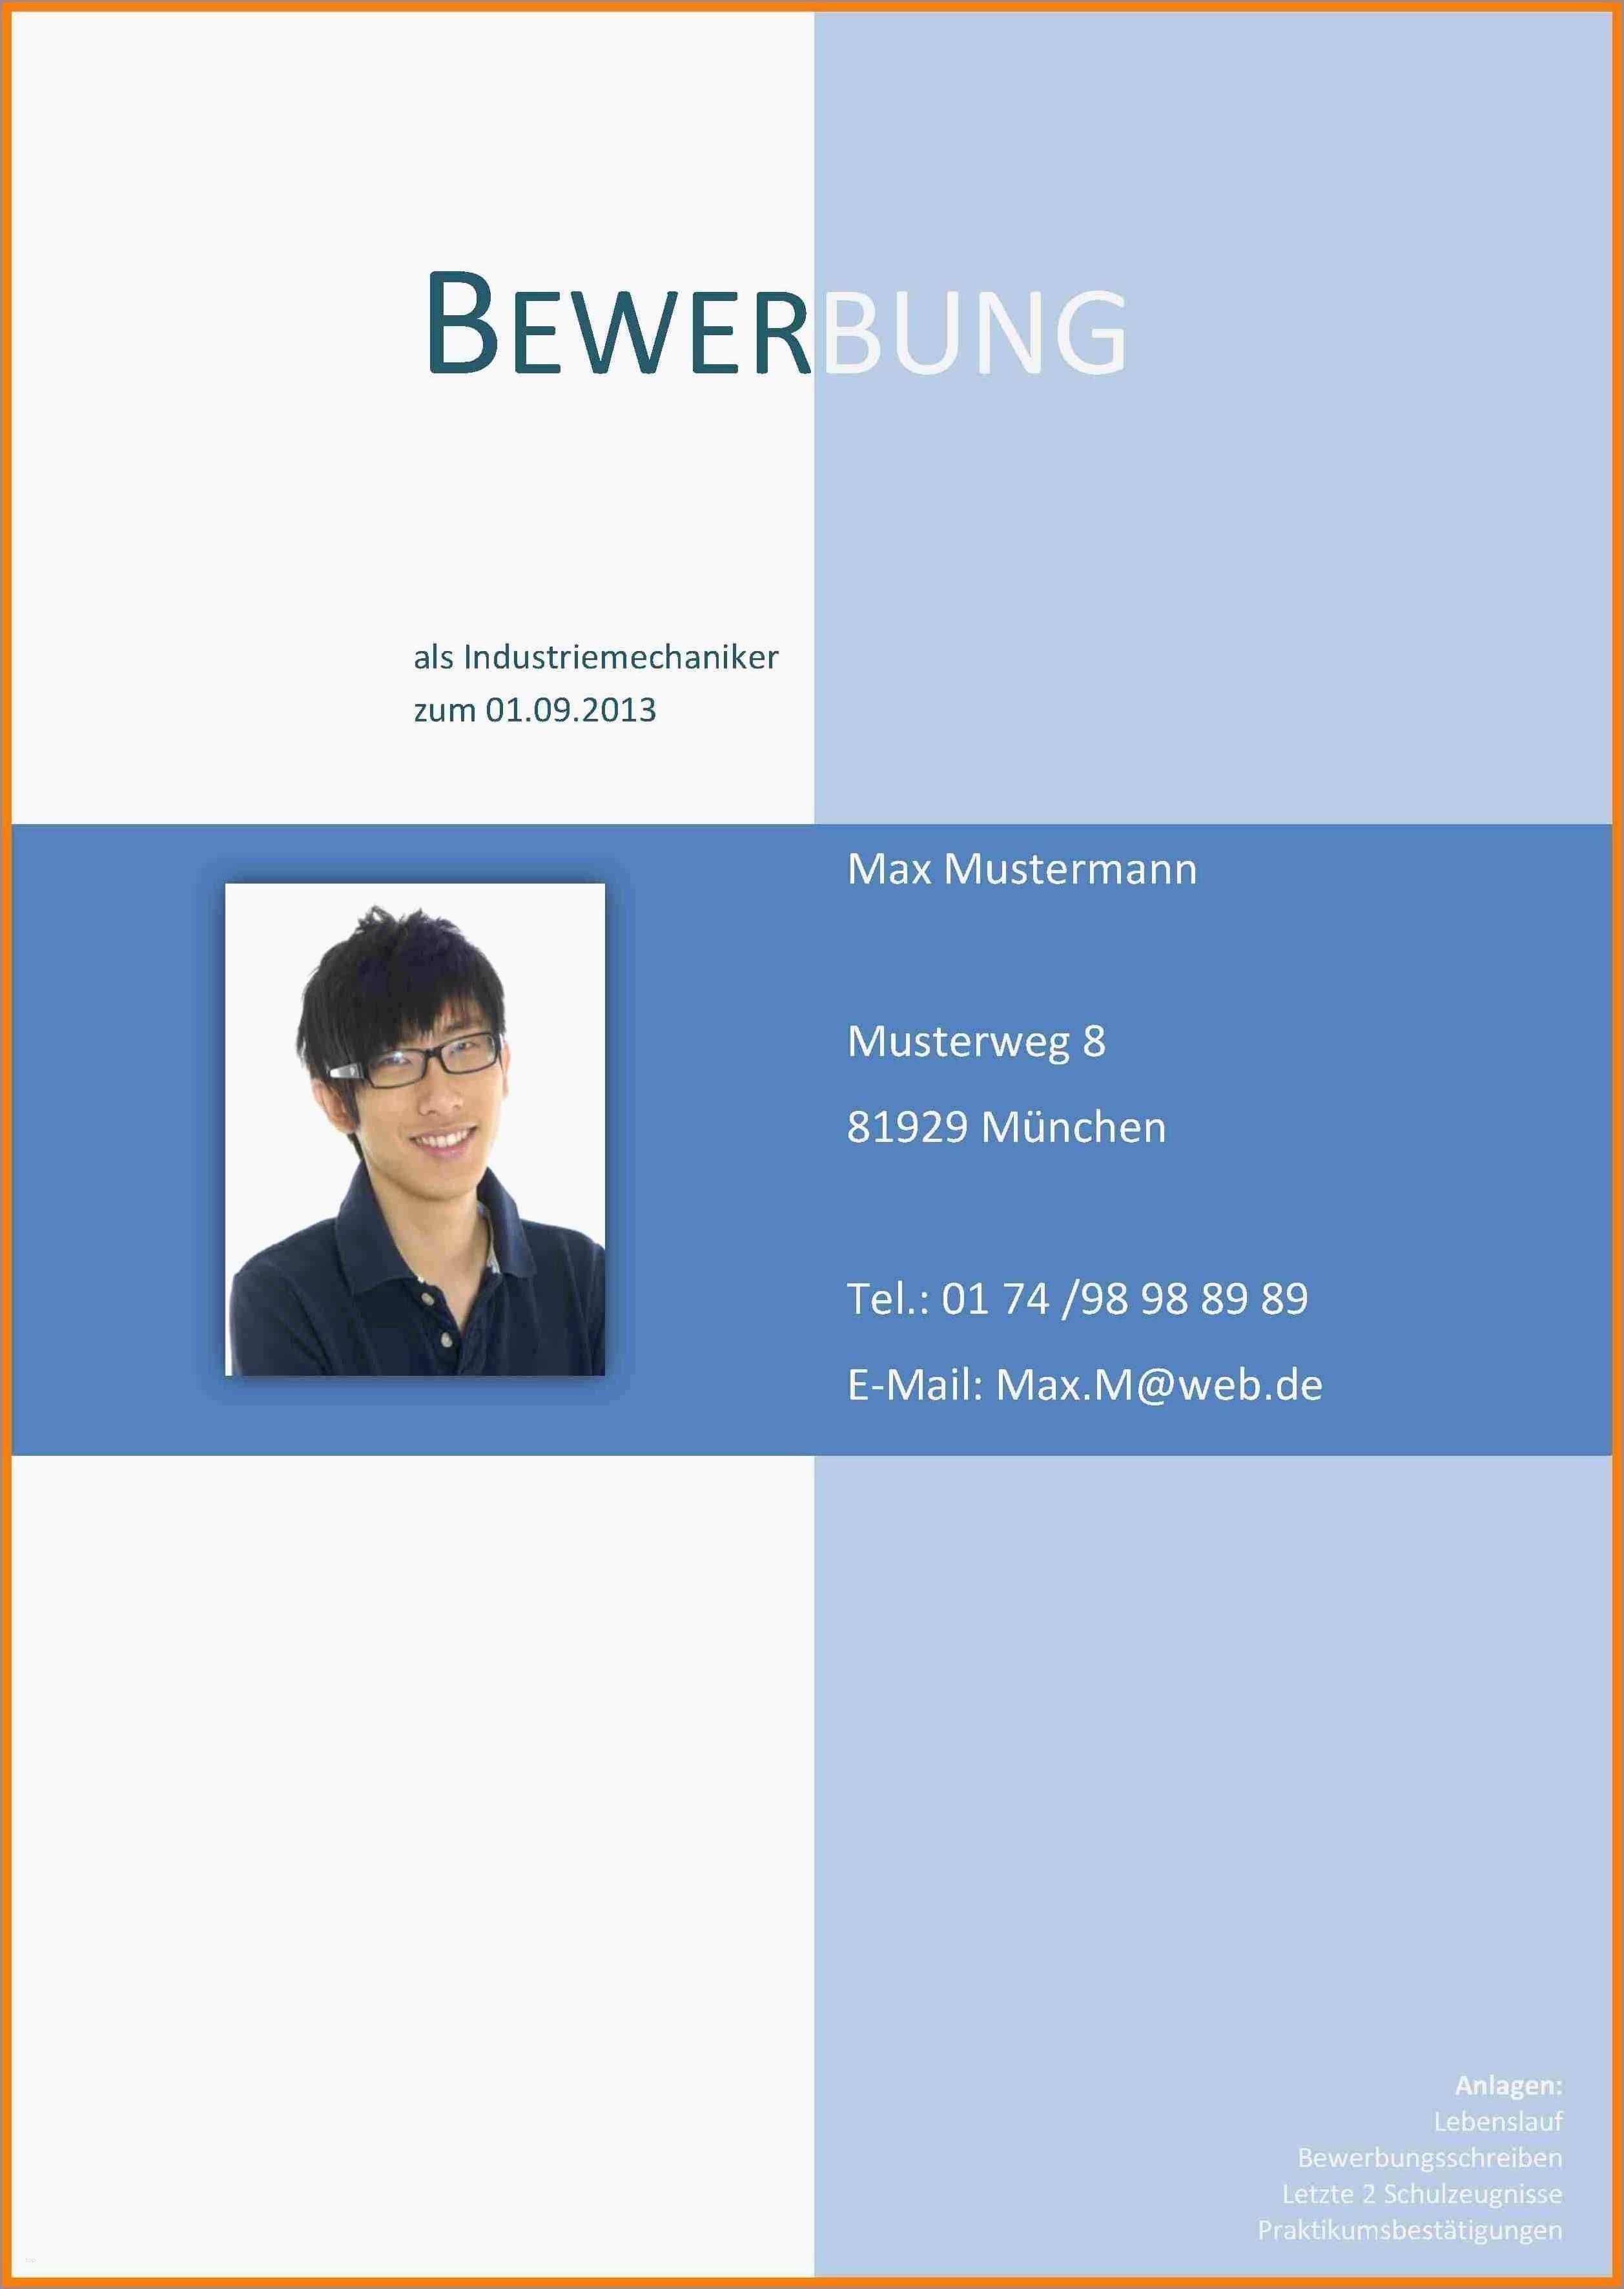 Deckblatt Zur Bewerbung Beruf Beruf Bewerbung Deckblatt Musterdeckblattbewerbung Zur In 2020 Bewerbungsschreiben Lebenslauf Bewerbung Schreiben